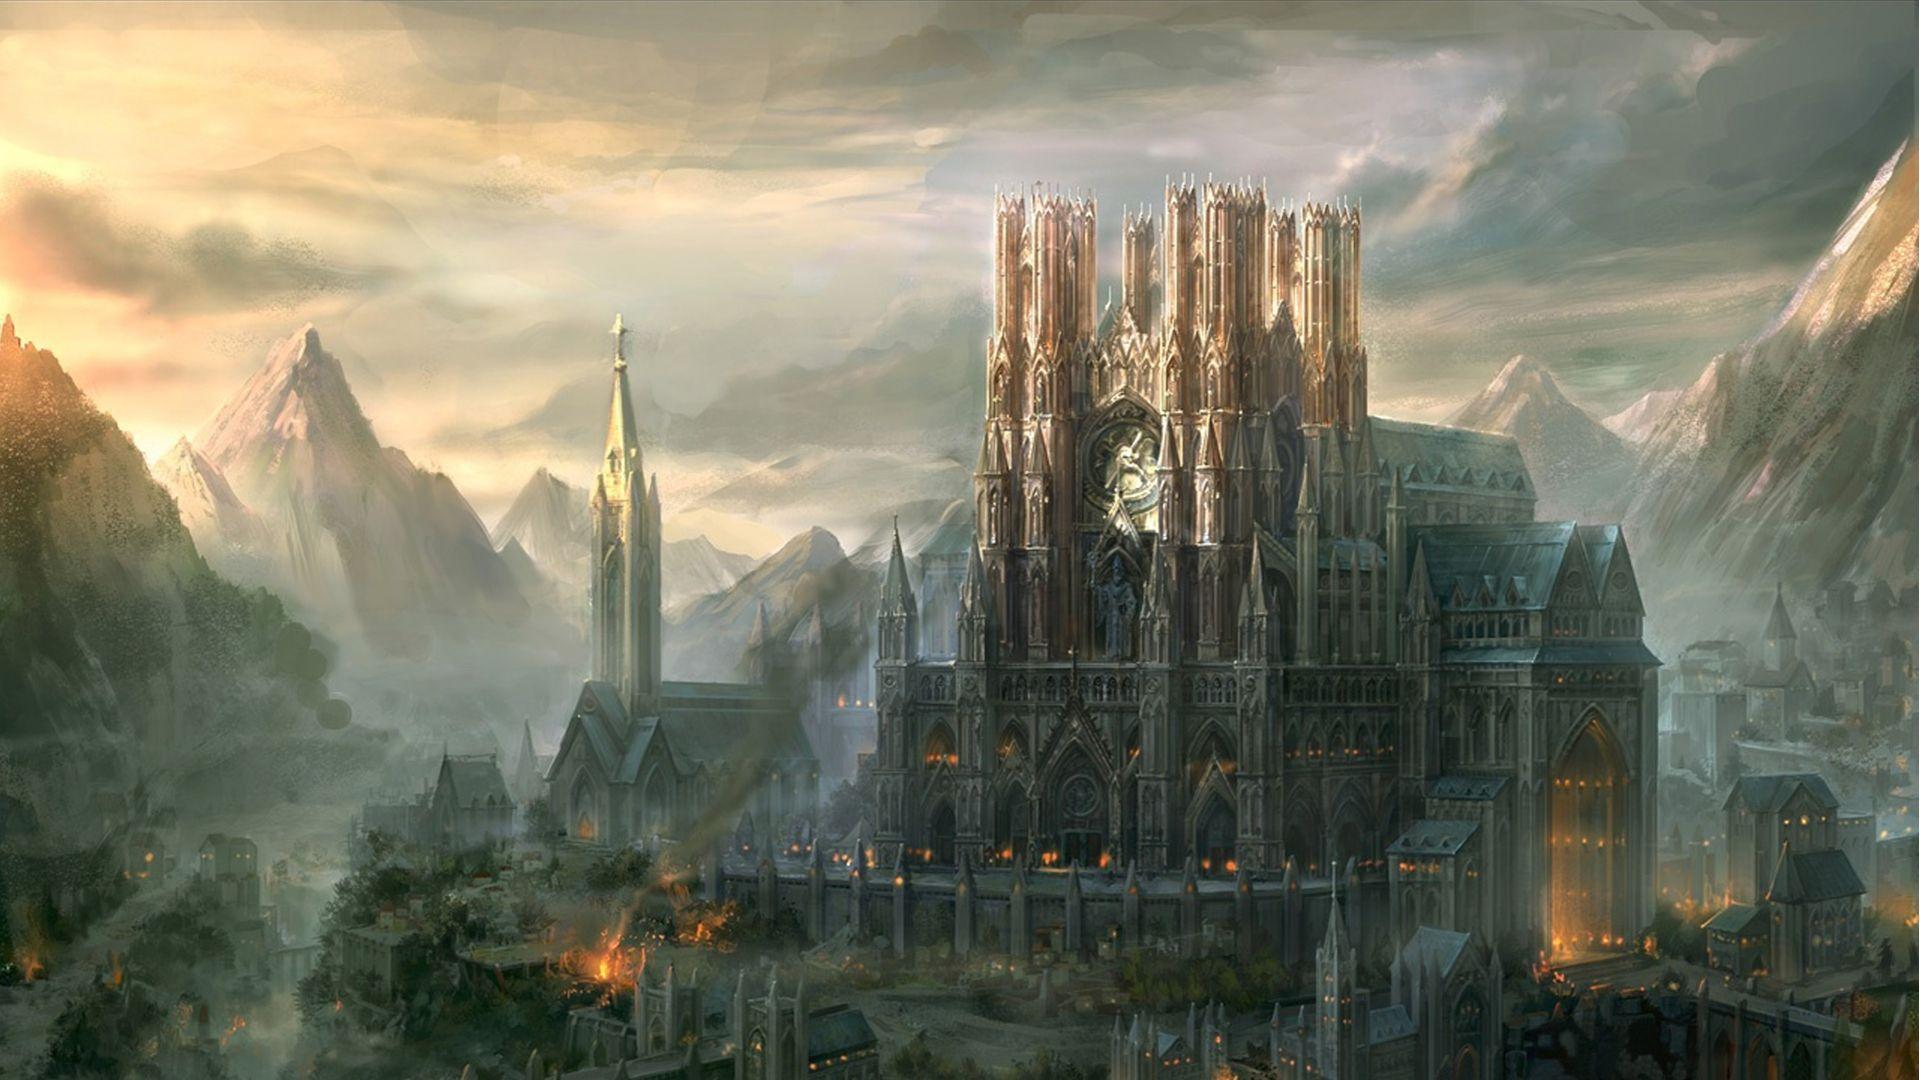 Fantasy City Kingdom Under Fire Wallpaper Fantasy City Fantasy Landscape Fantasy Castle